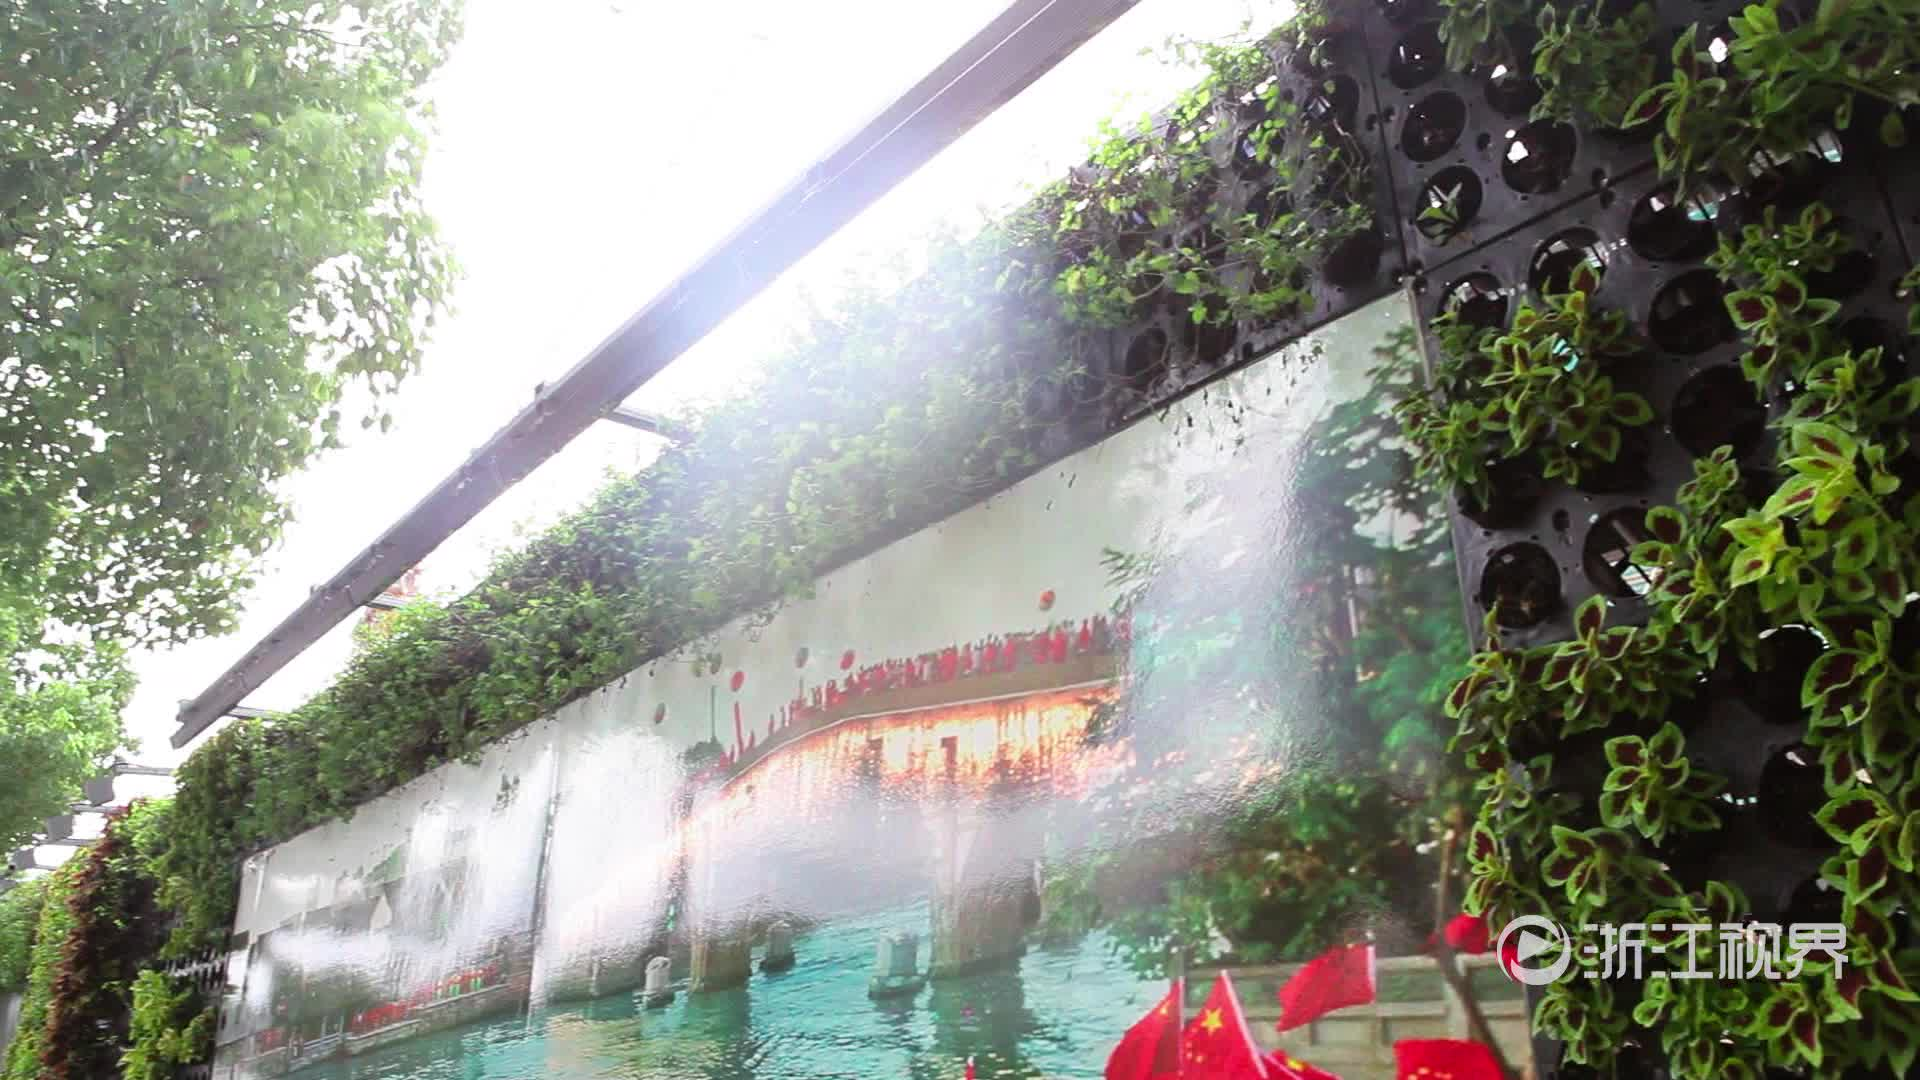 万株盆栽筑起绿色建筑围挡